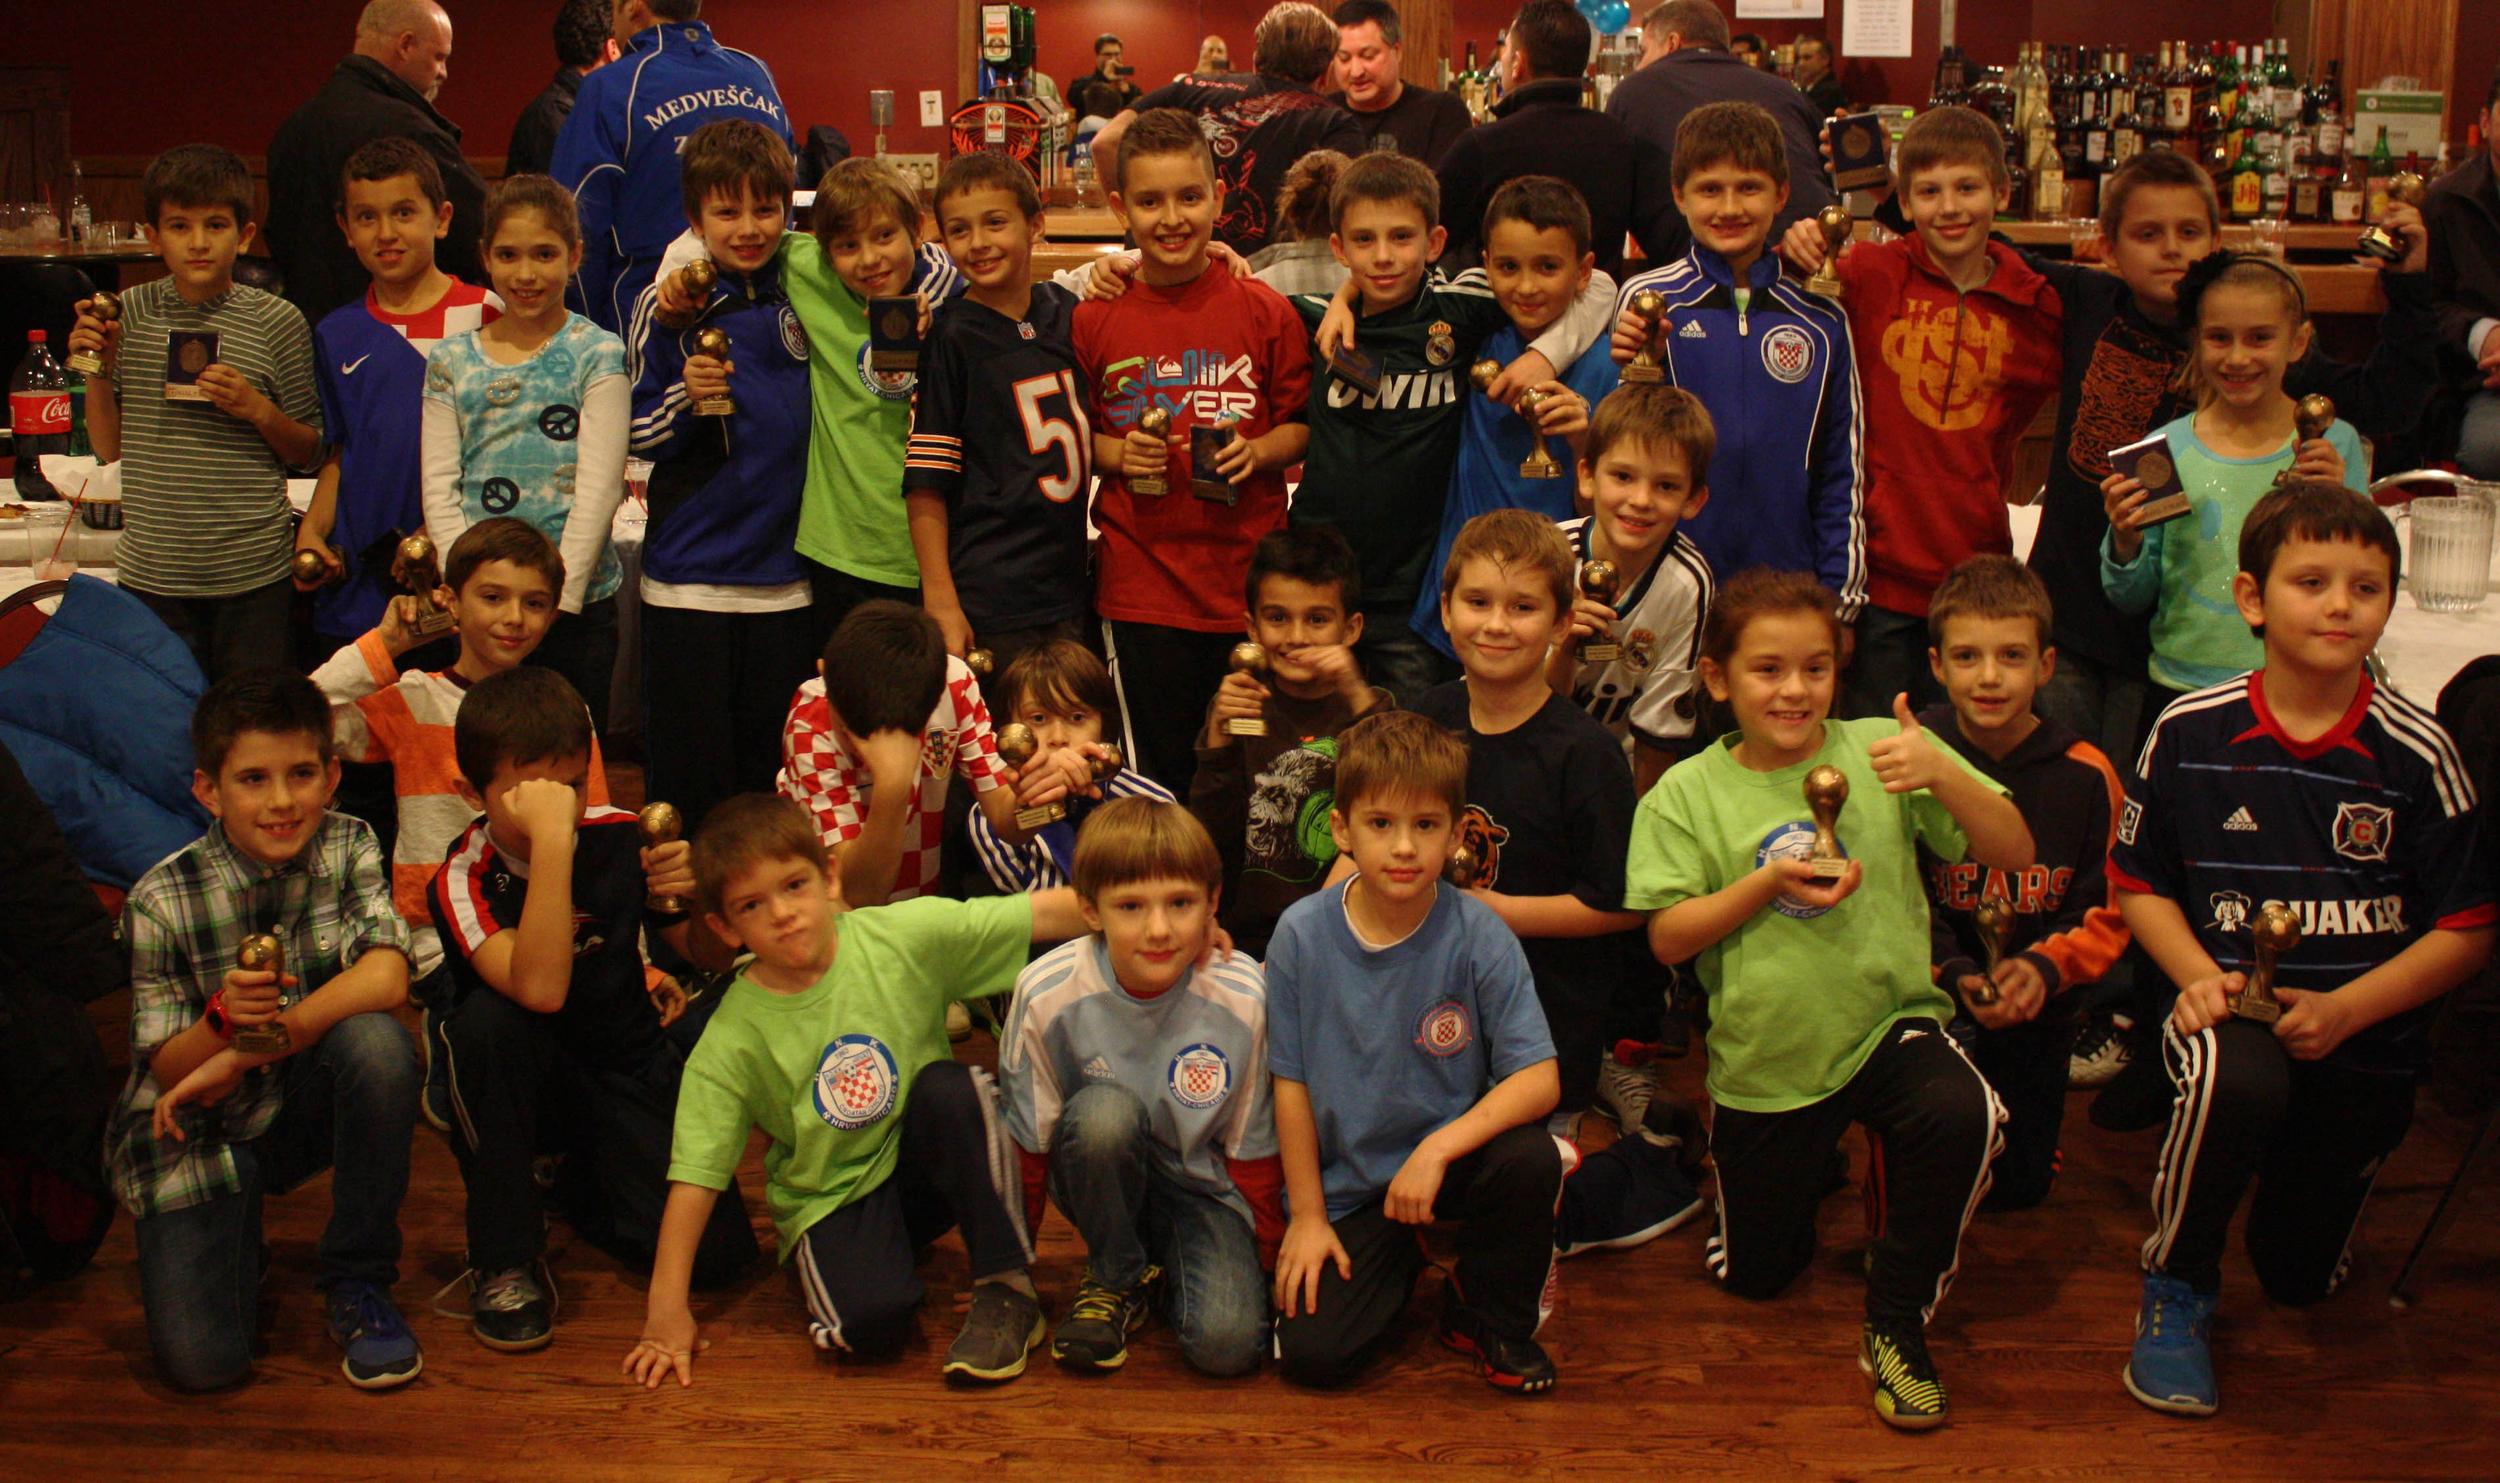 HrvatAwardsBanquetNov2012_84.jpg